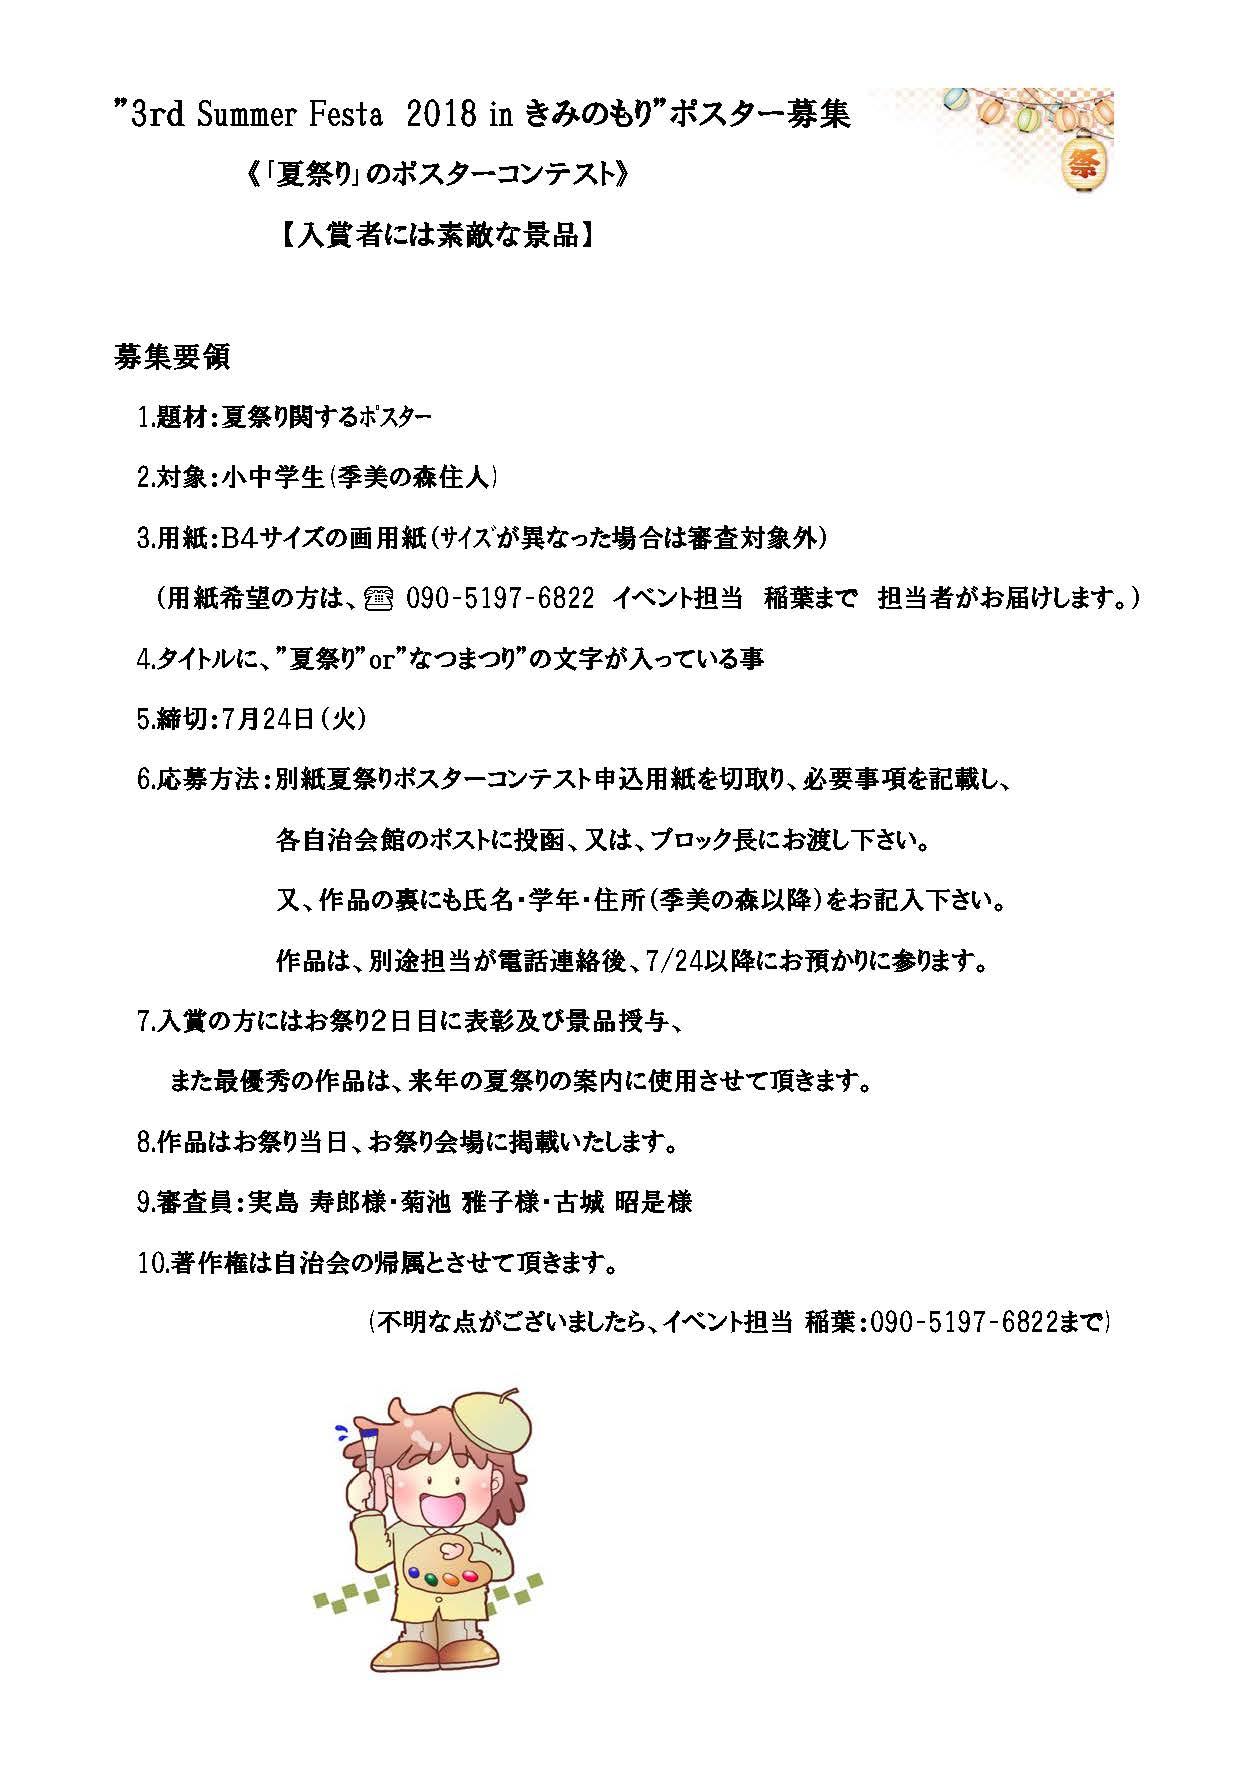 2.5.2 ポスターコンテスト_募集